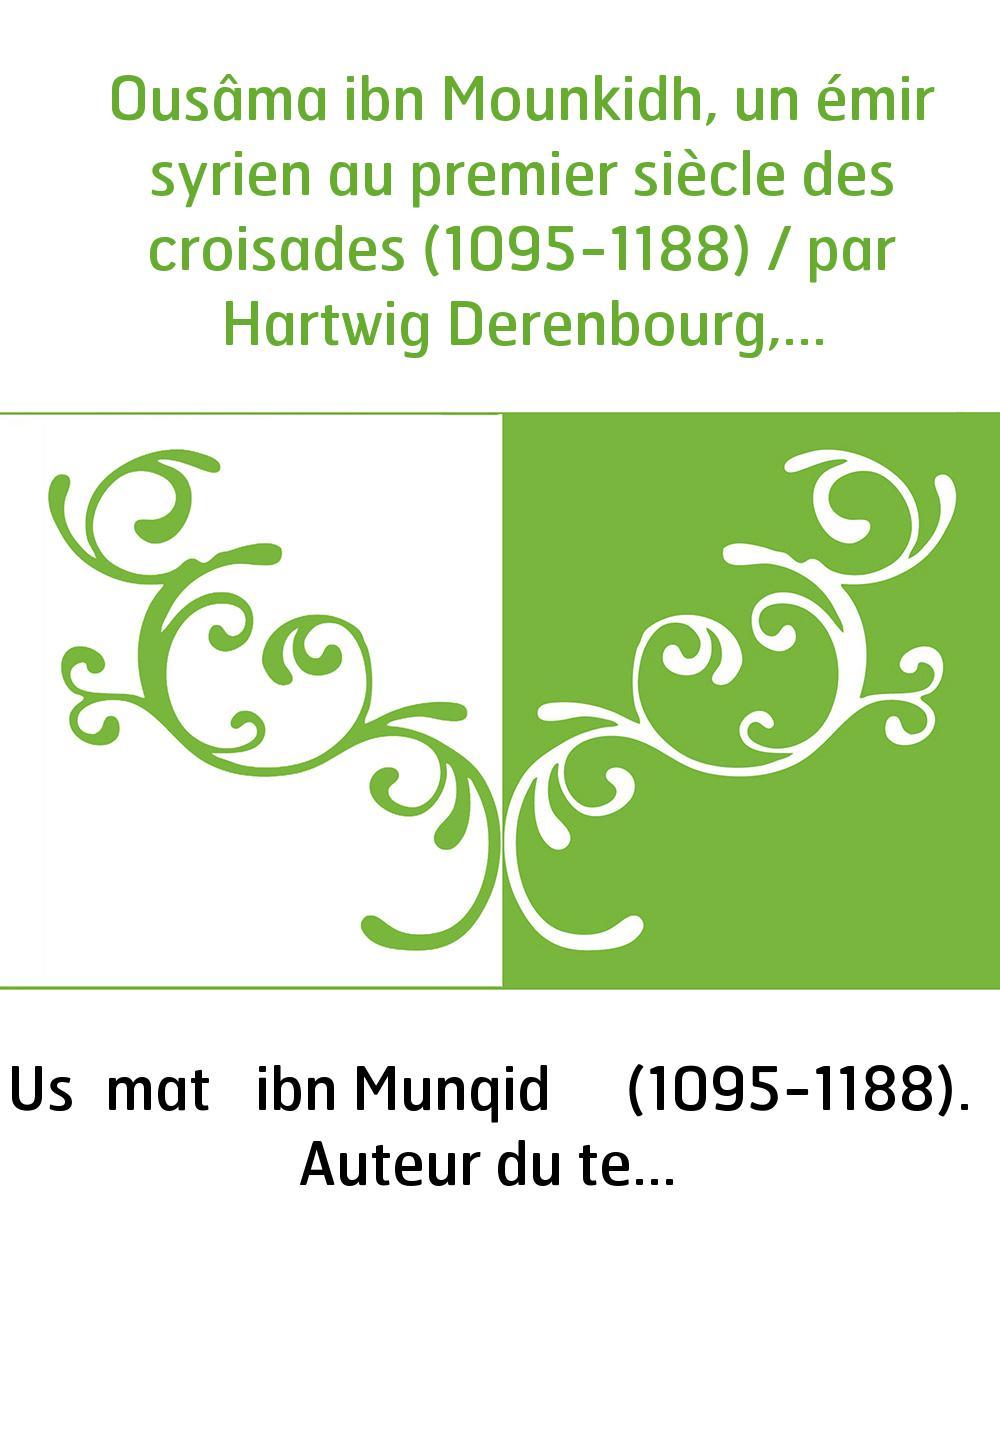 Ousâma ibn Mounkidh, un émir syrien au premier siècle des croisades (1095-1188) / par Hartwig Derenbourg,...